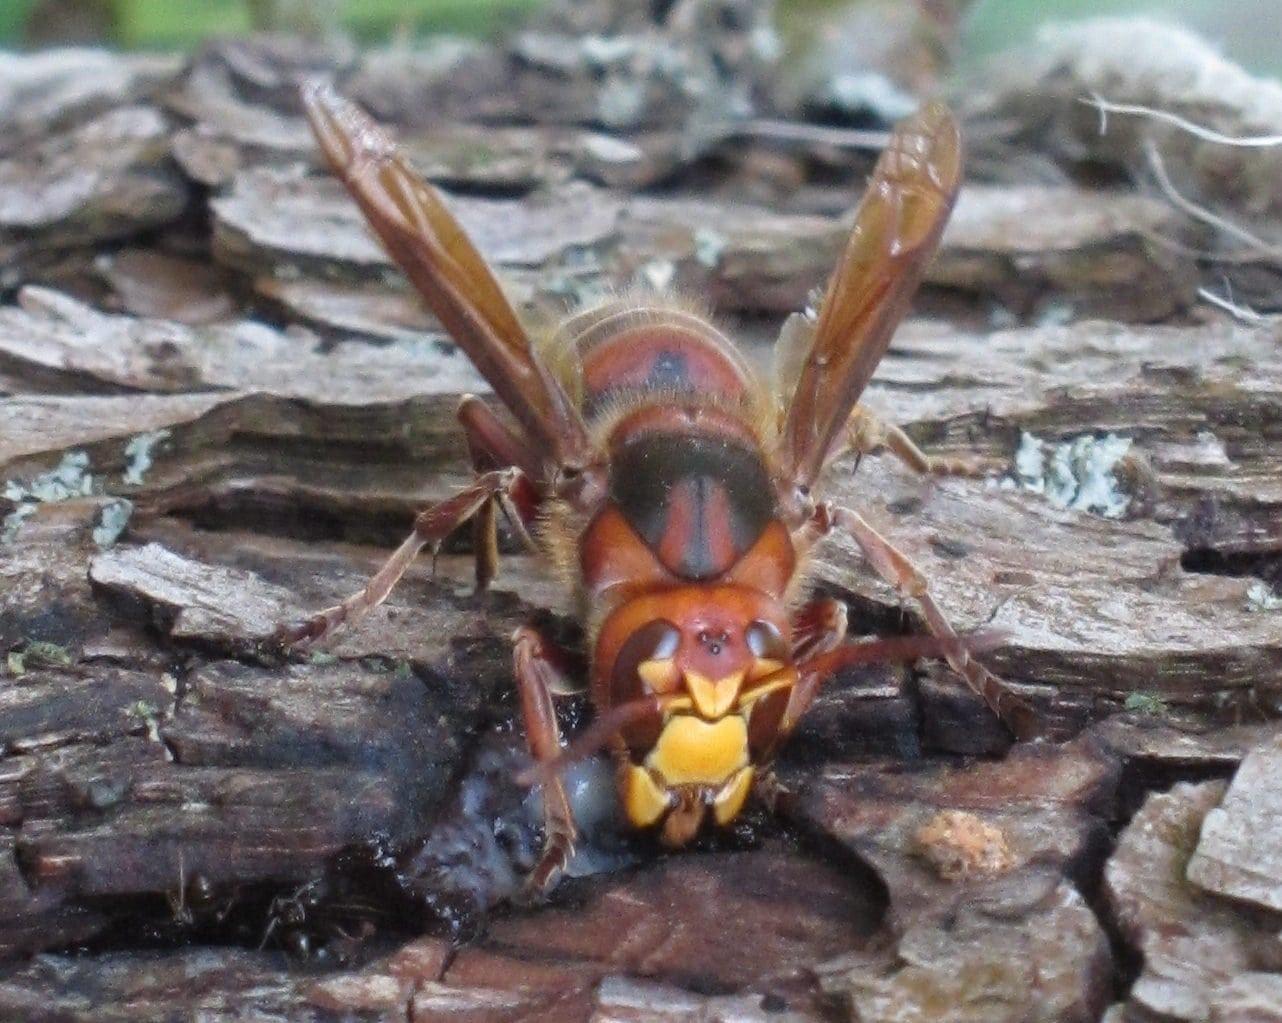 hornet on wood log